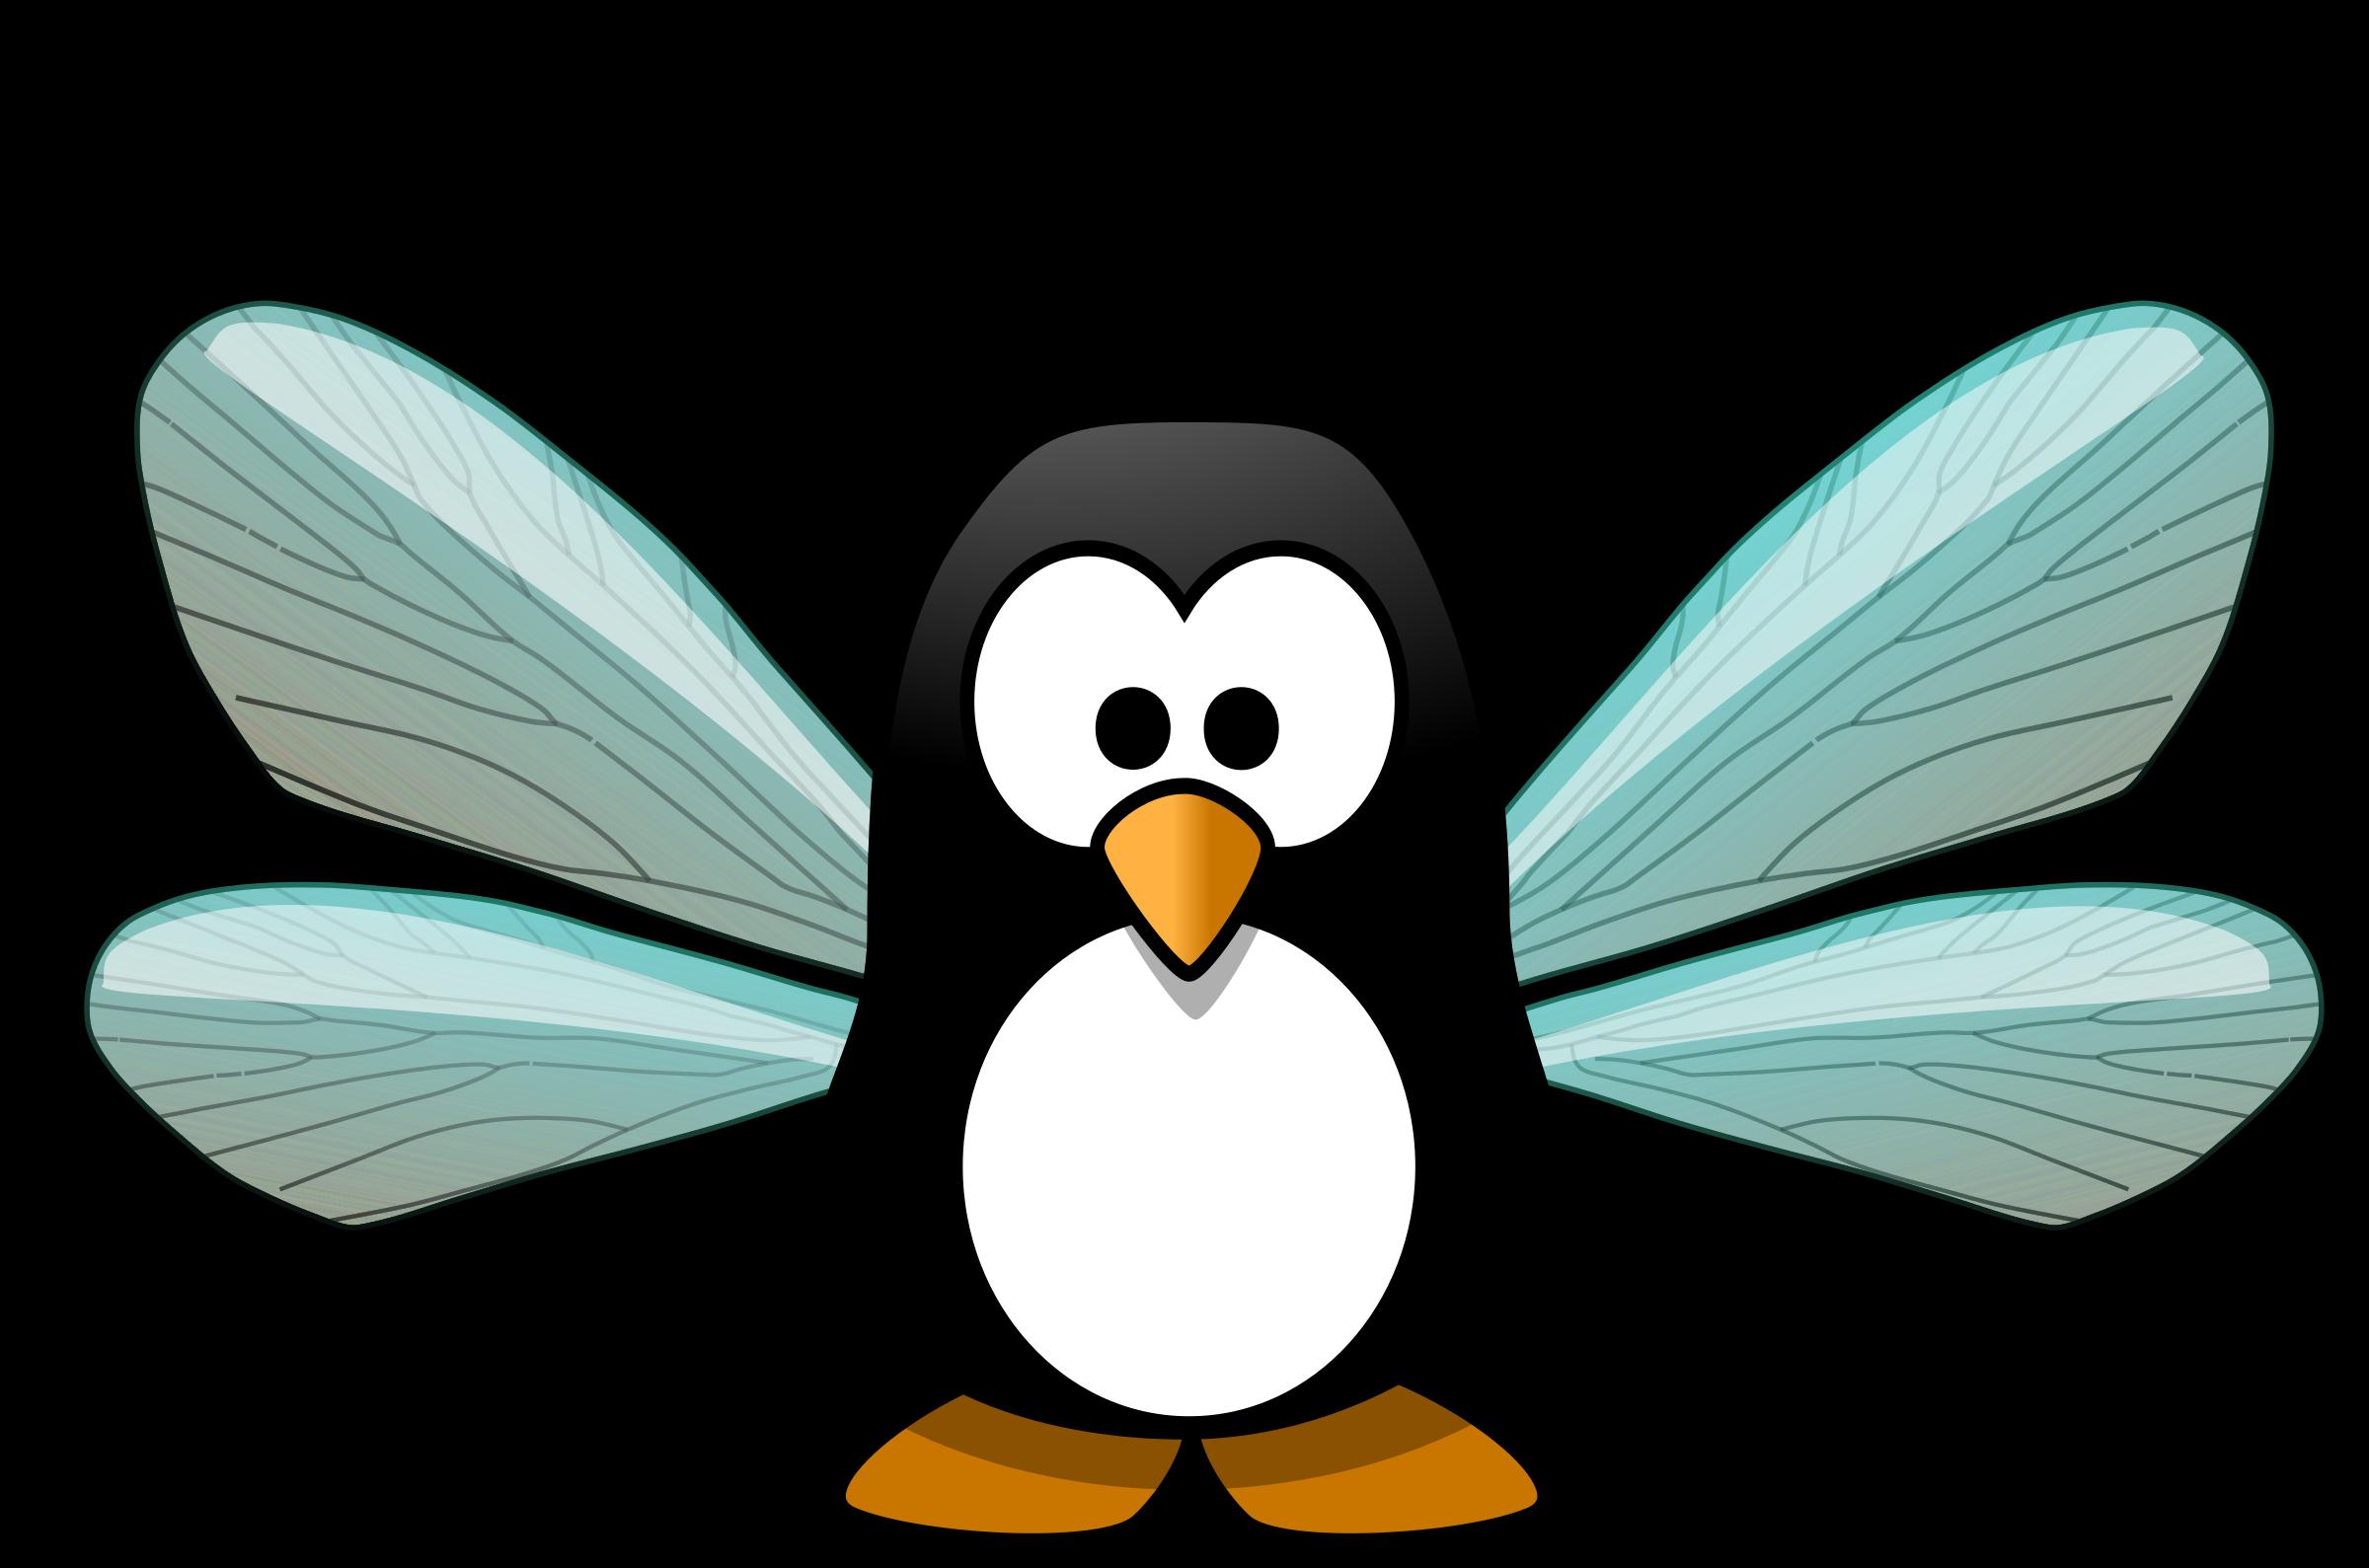 Flippers clipart goggles Pixie Clipart penguin Pixie penguin